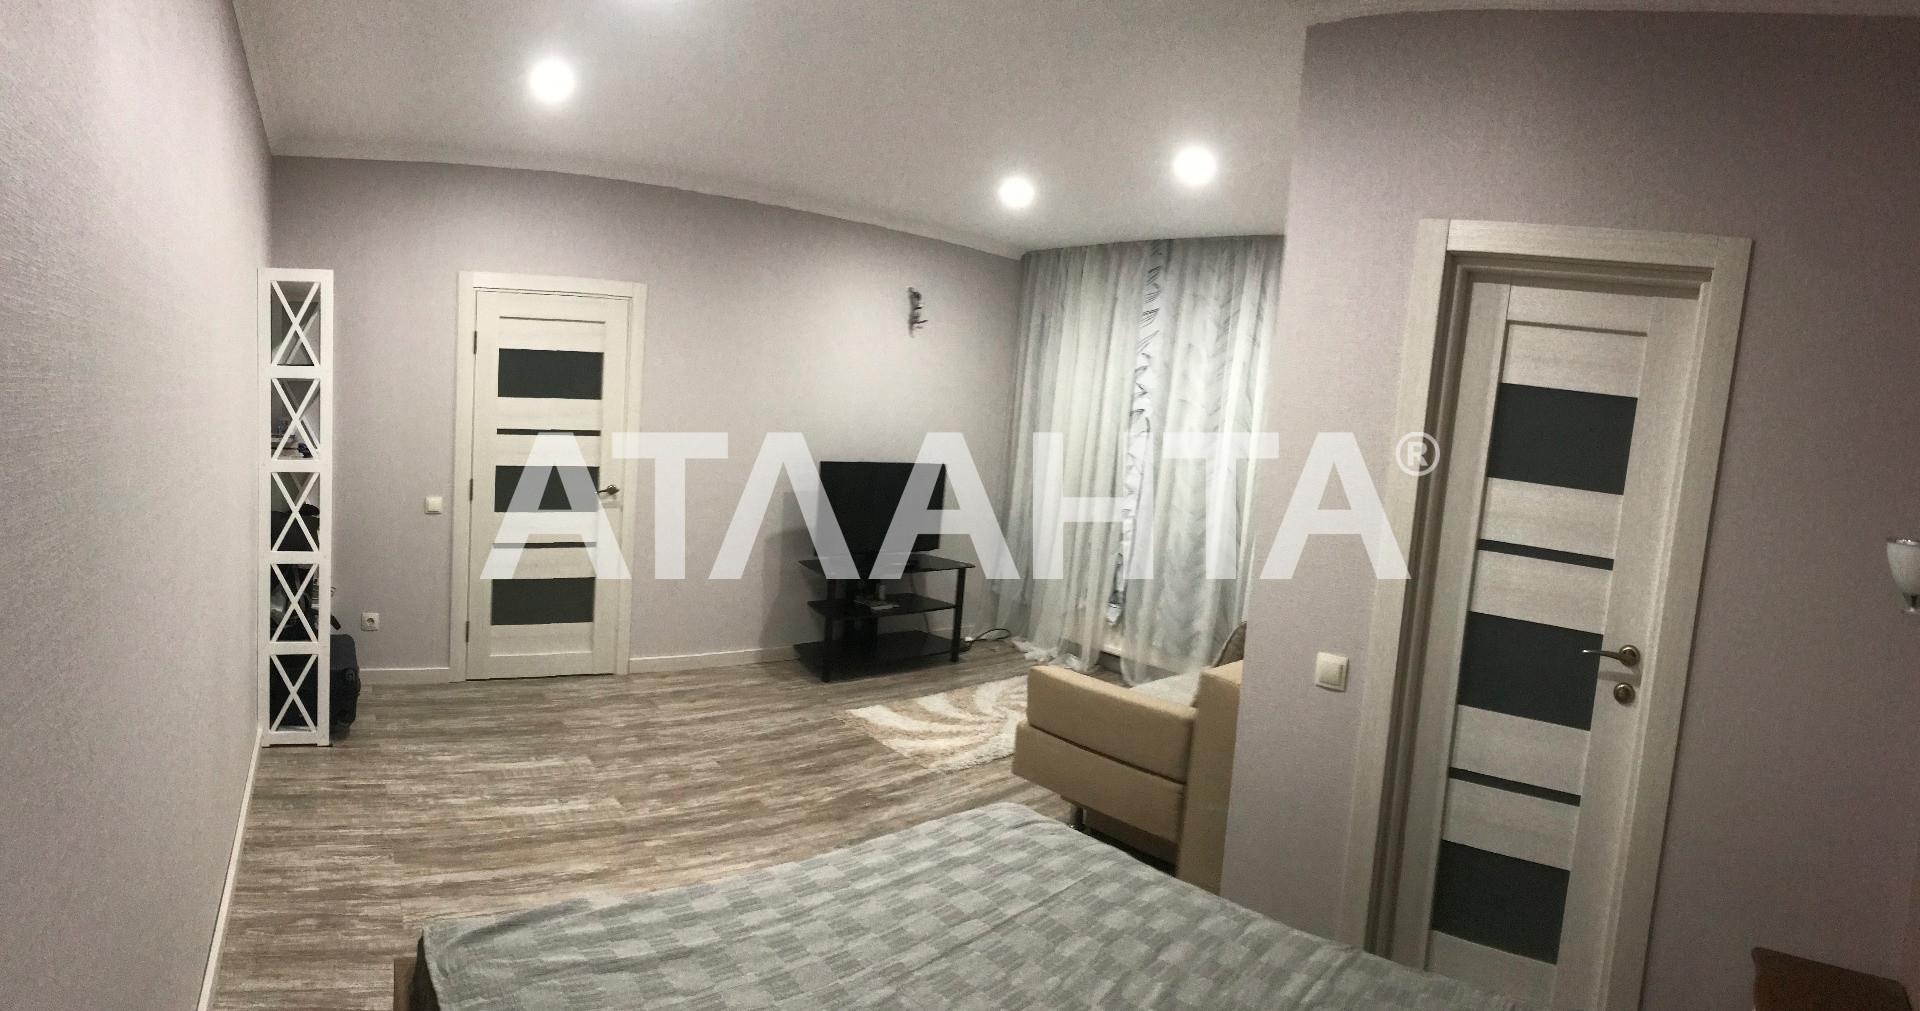 Продается 1-комнатная Квартира на ул. Практична — 65 000 у.е. (фото №10)